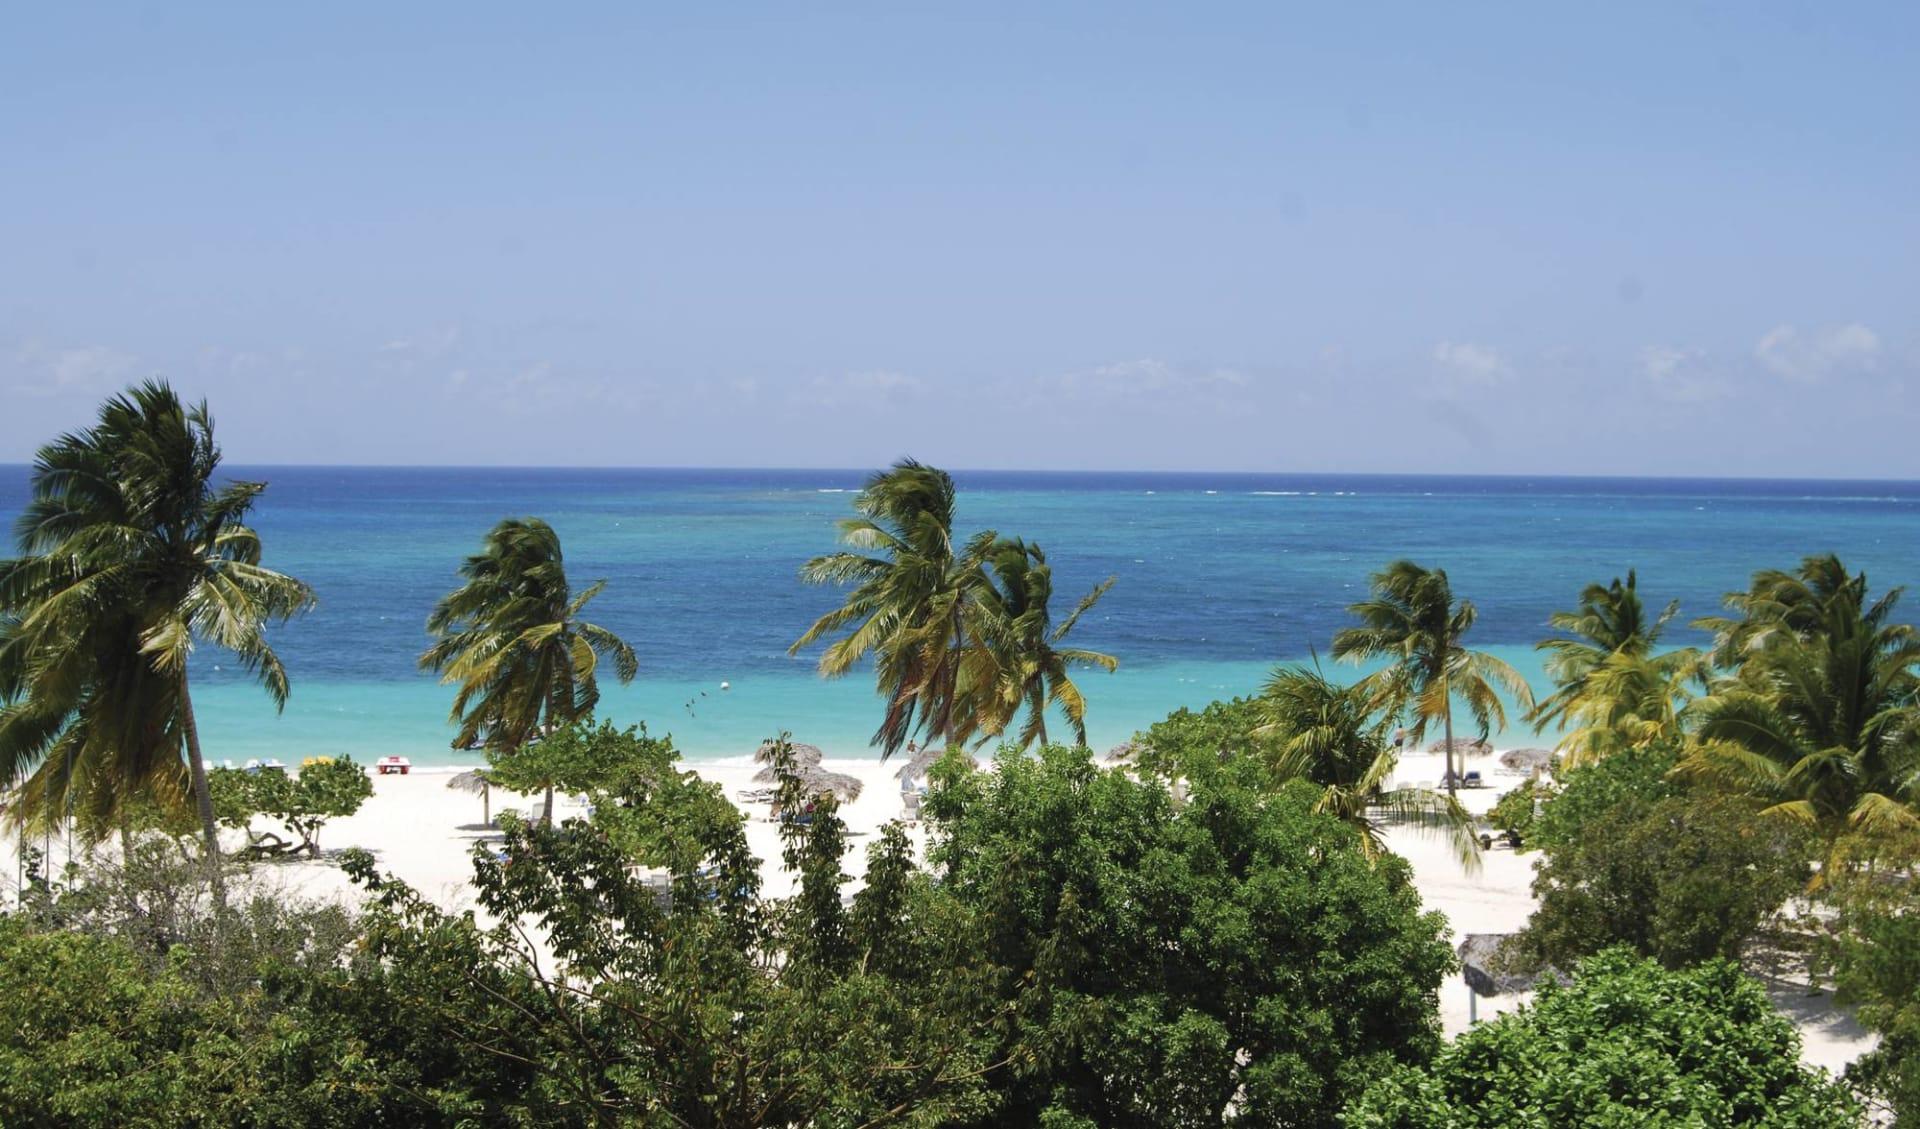 PREMIUM: Dreams Cuba West ab Havanna: natur rundreisen premium dreams cuba west